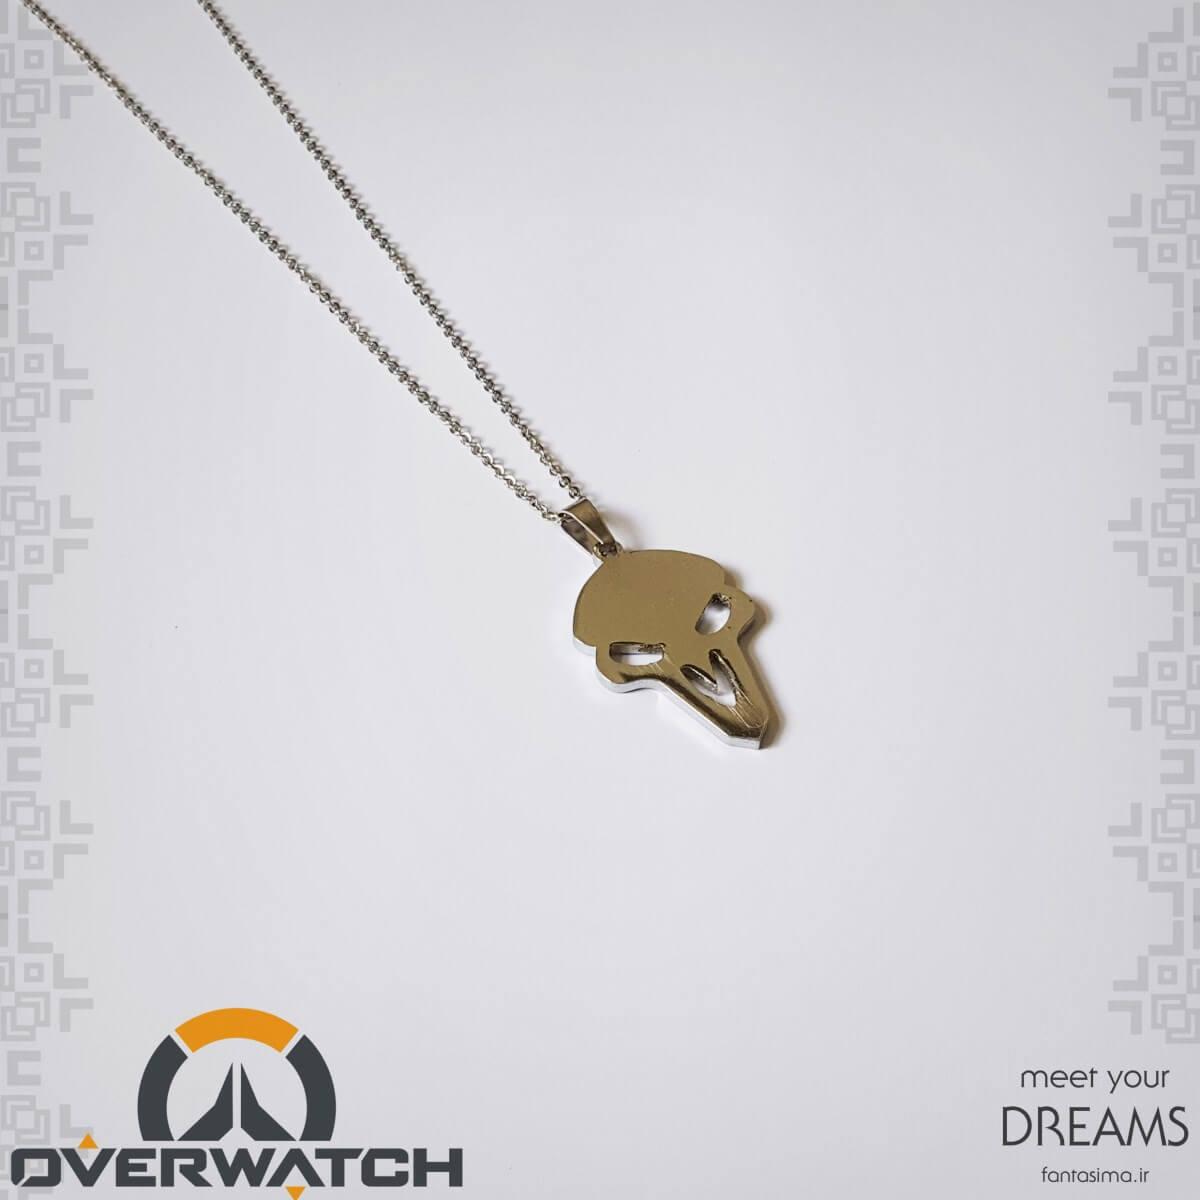 گردنبند نماد ریپر -اورواچ